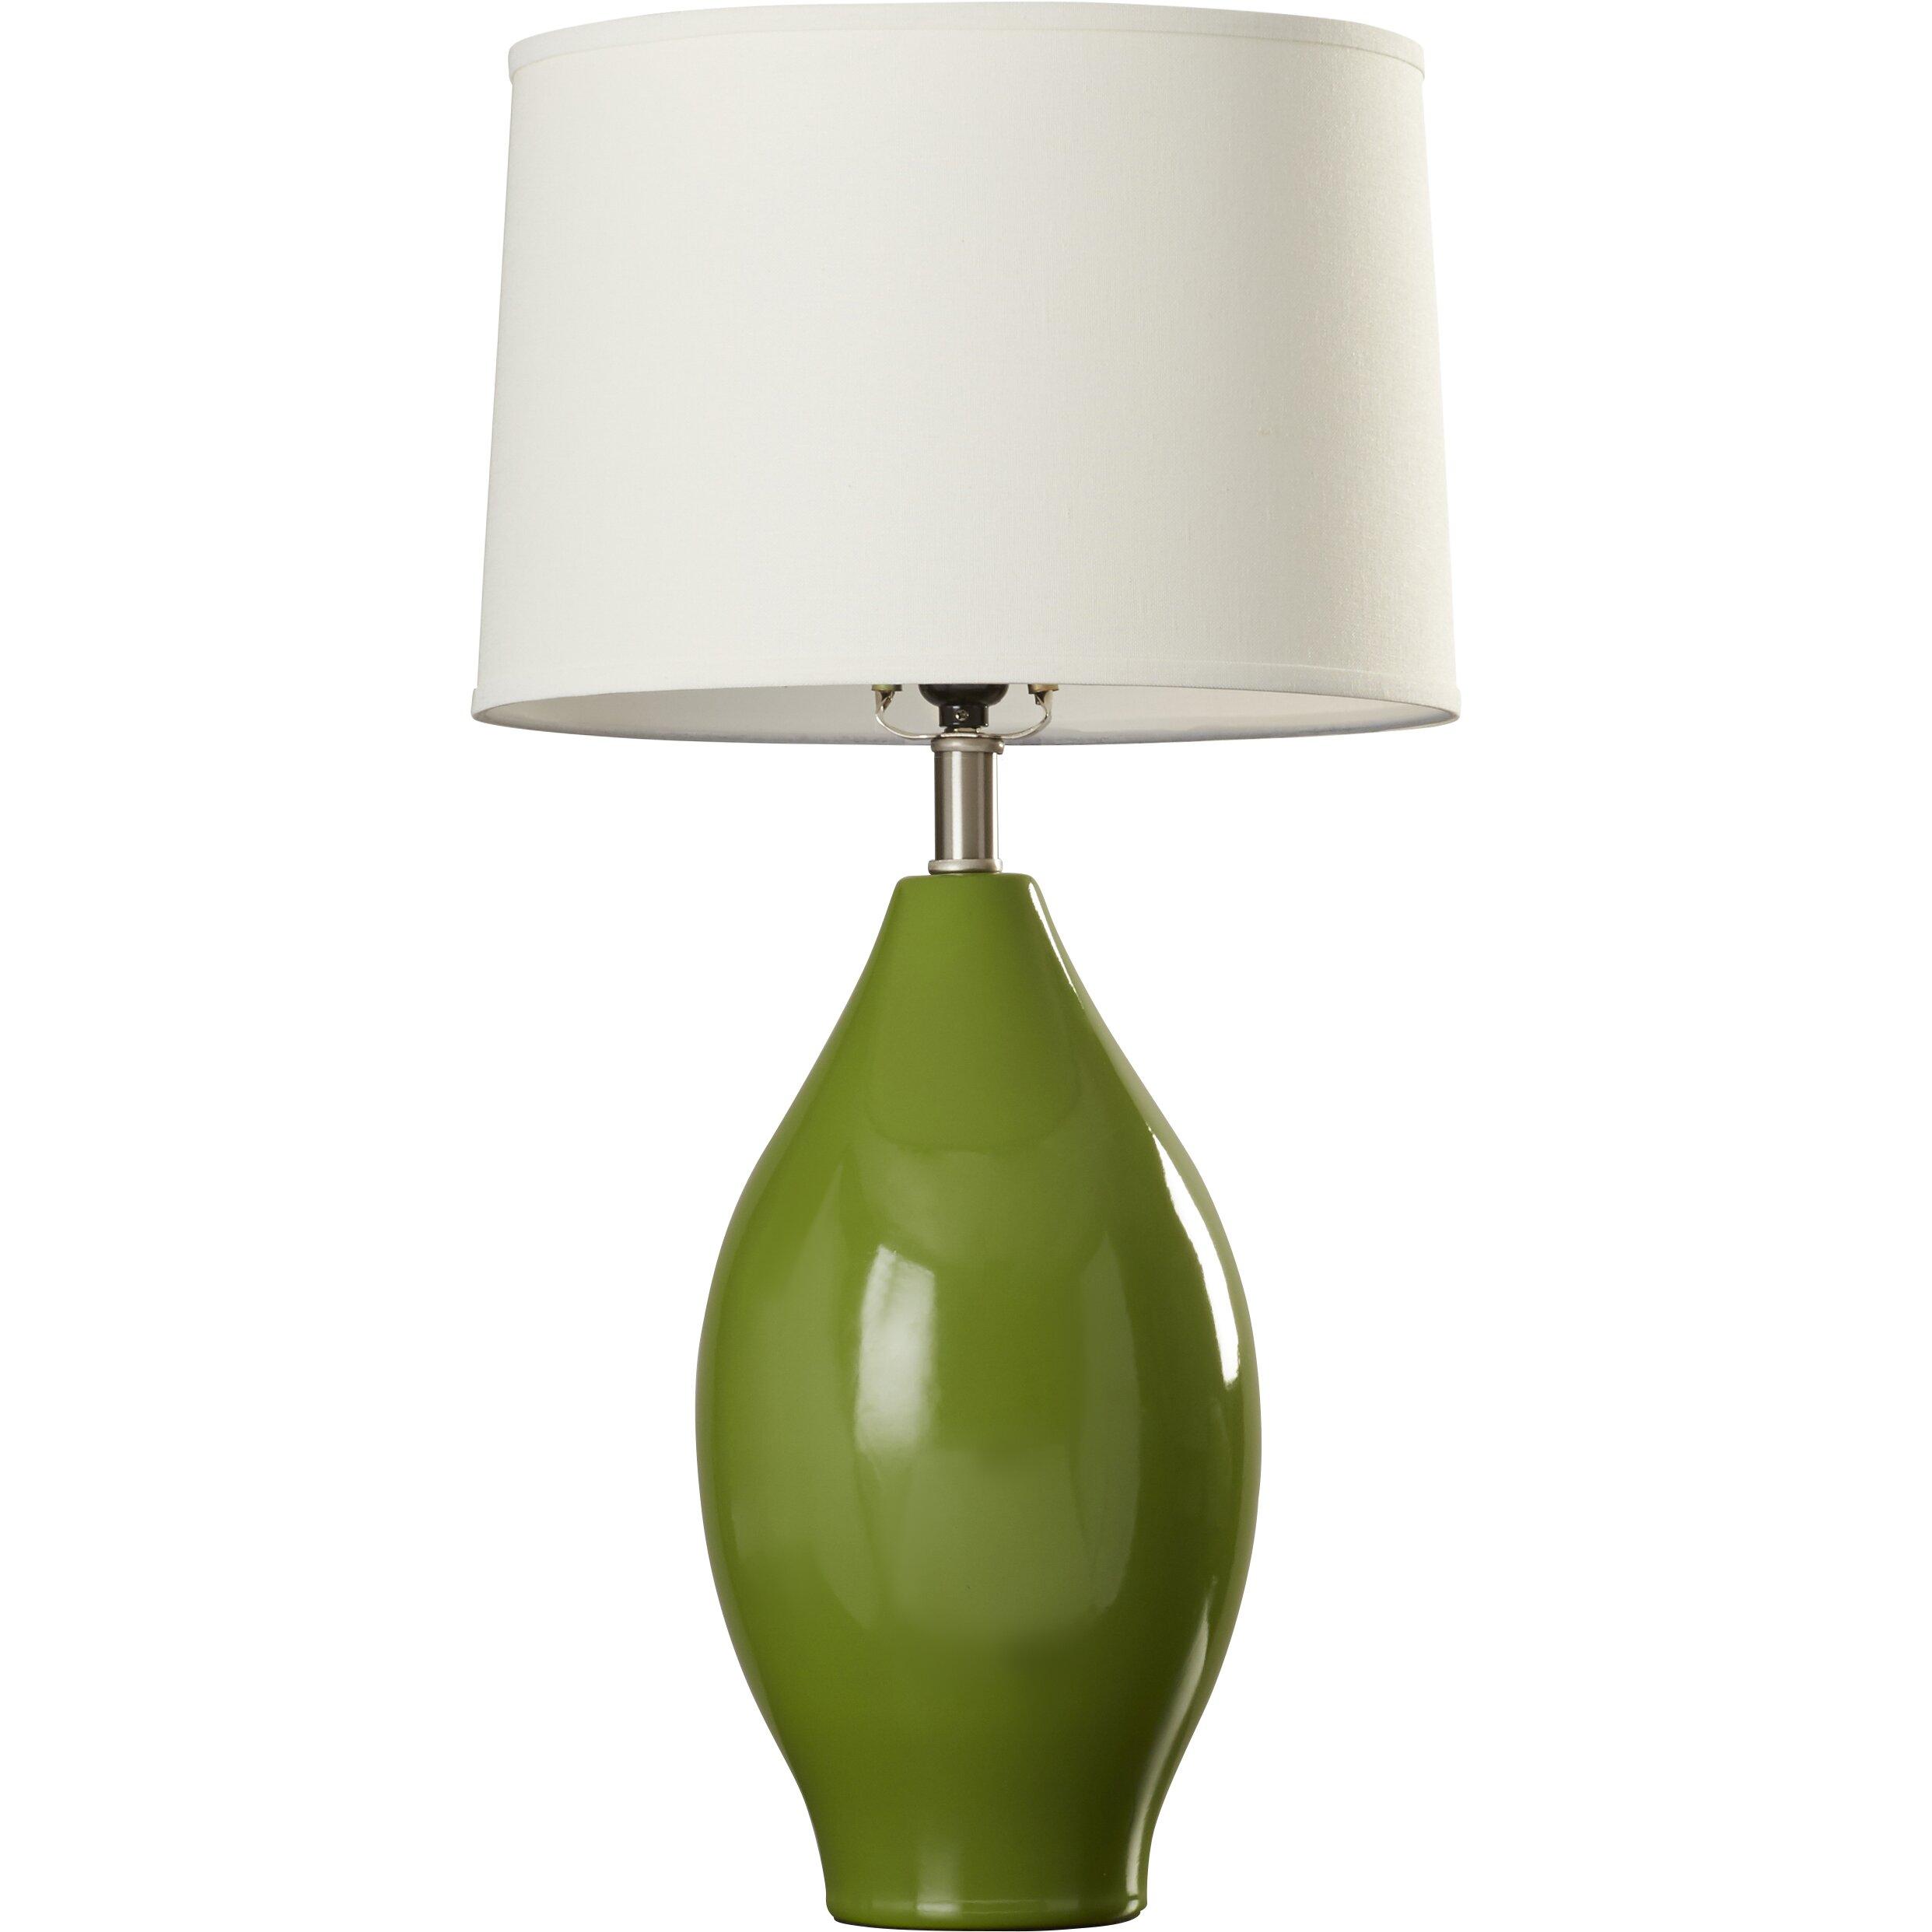 28 h table lamp. Black Bedroom Furniture Sets. Home Design Ideas